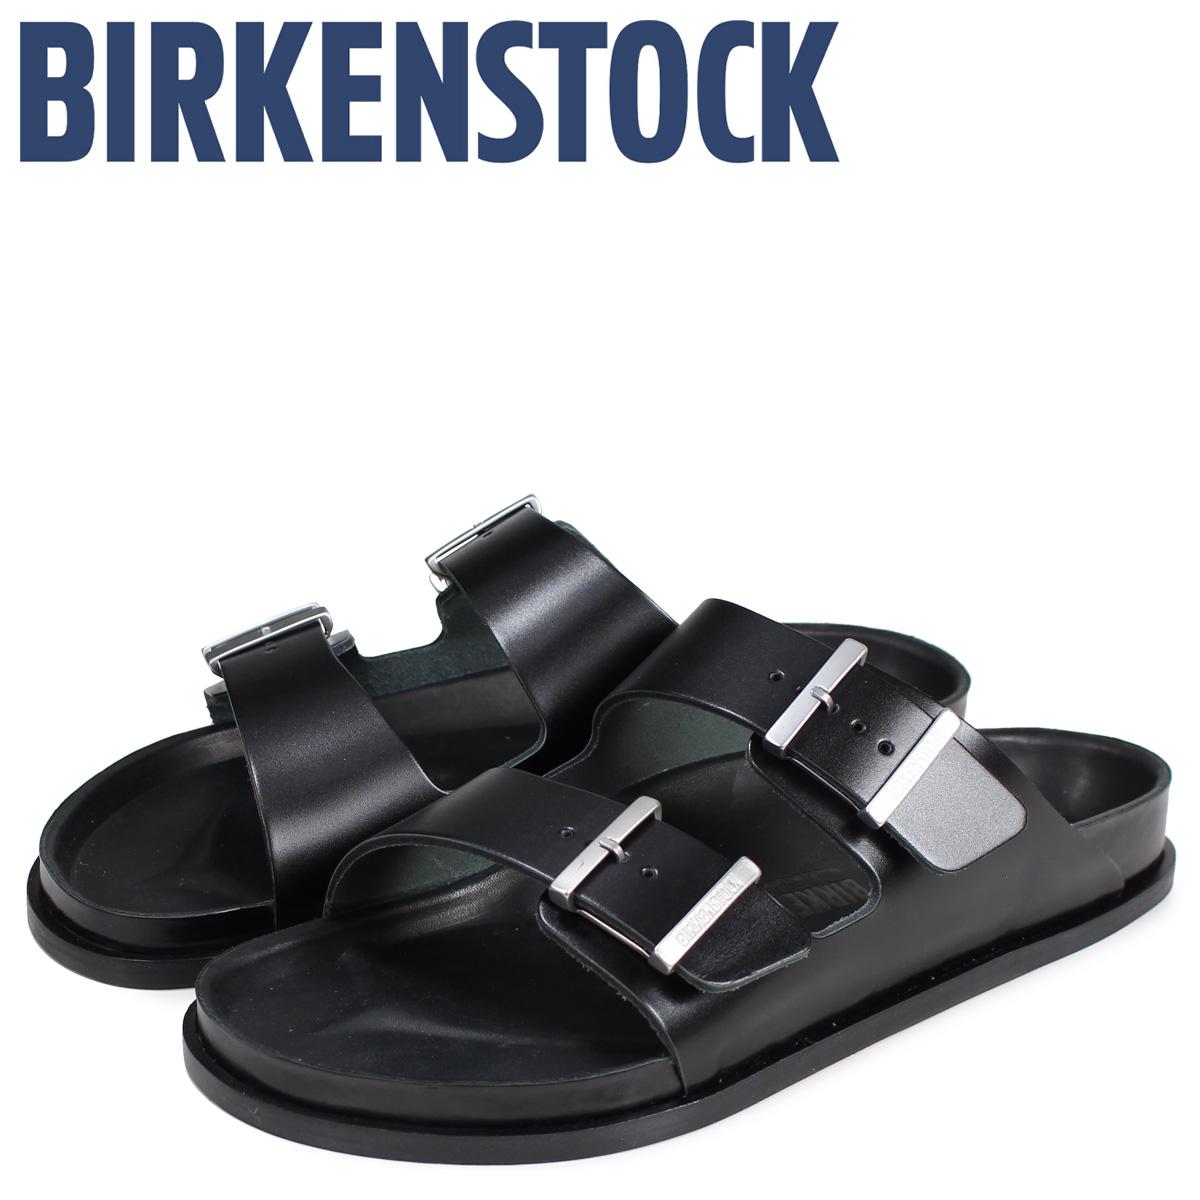 BIRKENSTOCK ビルケンシュトック アリゾナ エクスクイジット サンダル メンズ ARIZONA EXQUISITE ビルケン 普通幅 ブラック [3/11 新入荷]